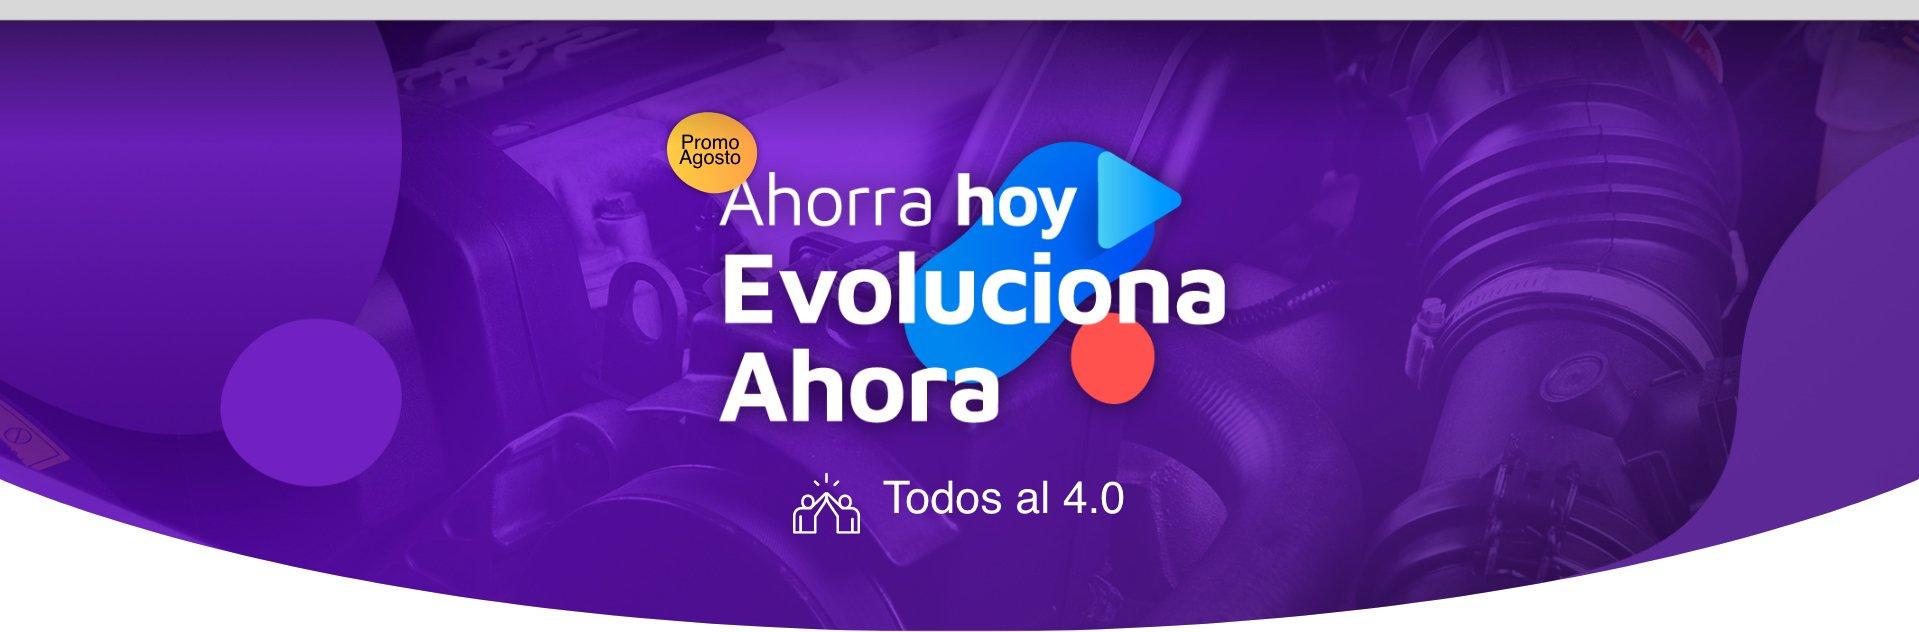 slide_ahorra